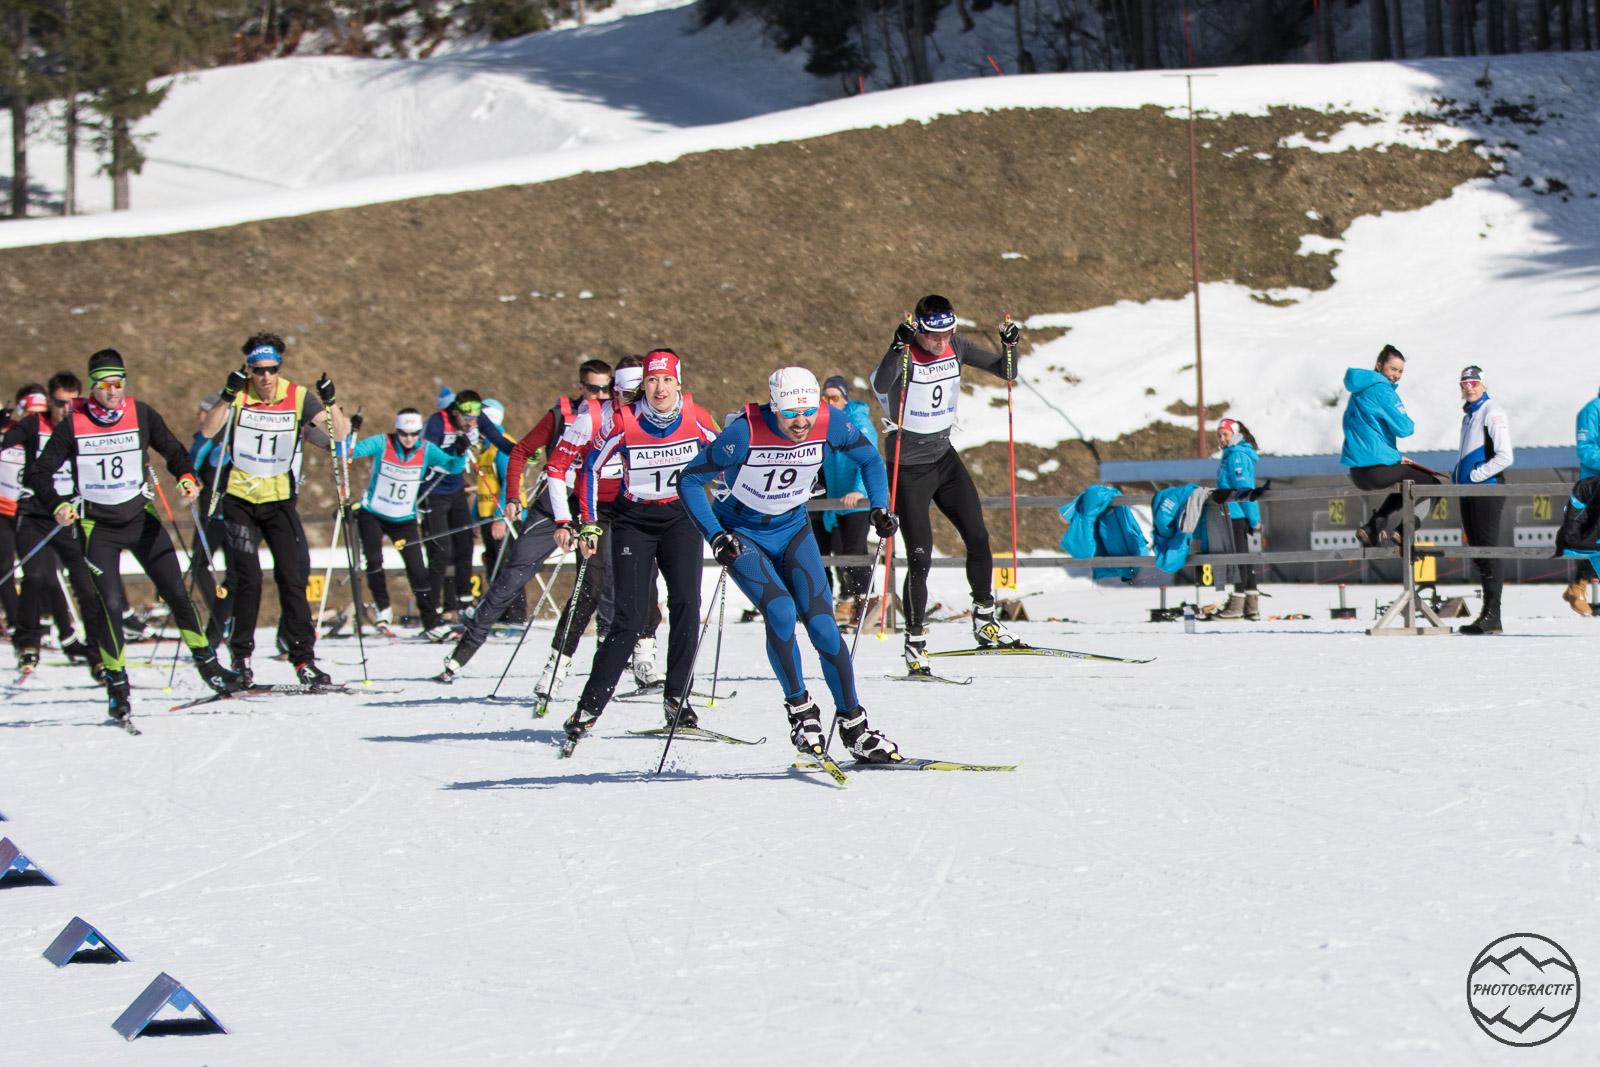 Biathlon Alpinum Les Contamines 2019 (1)